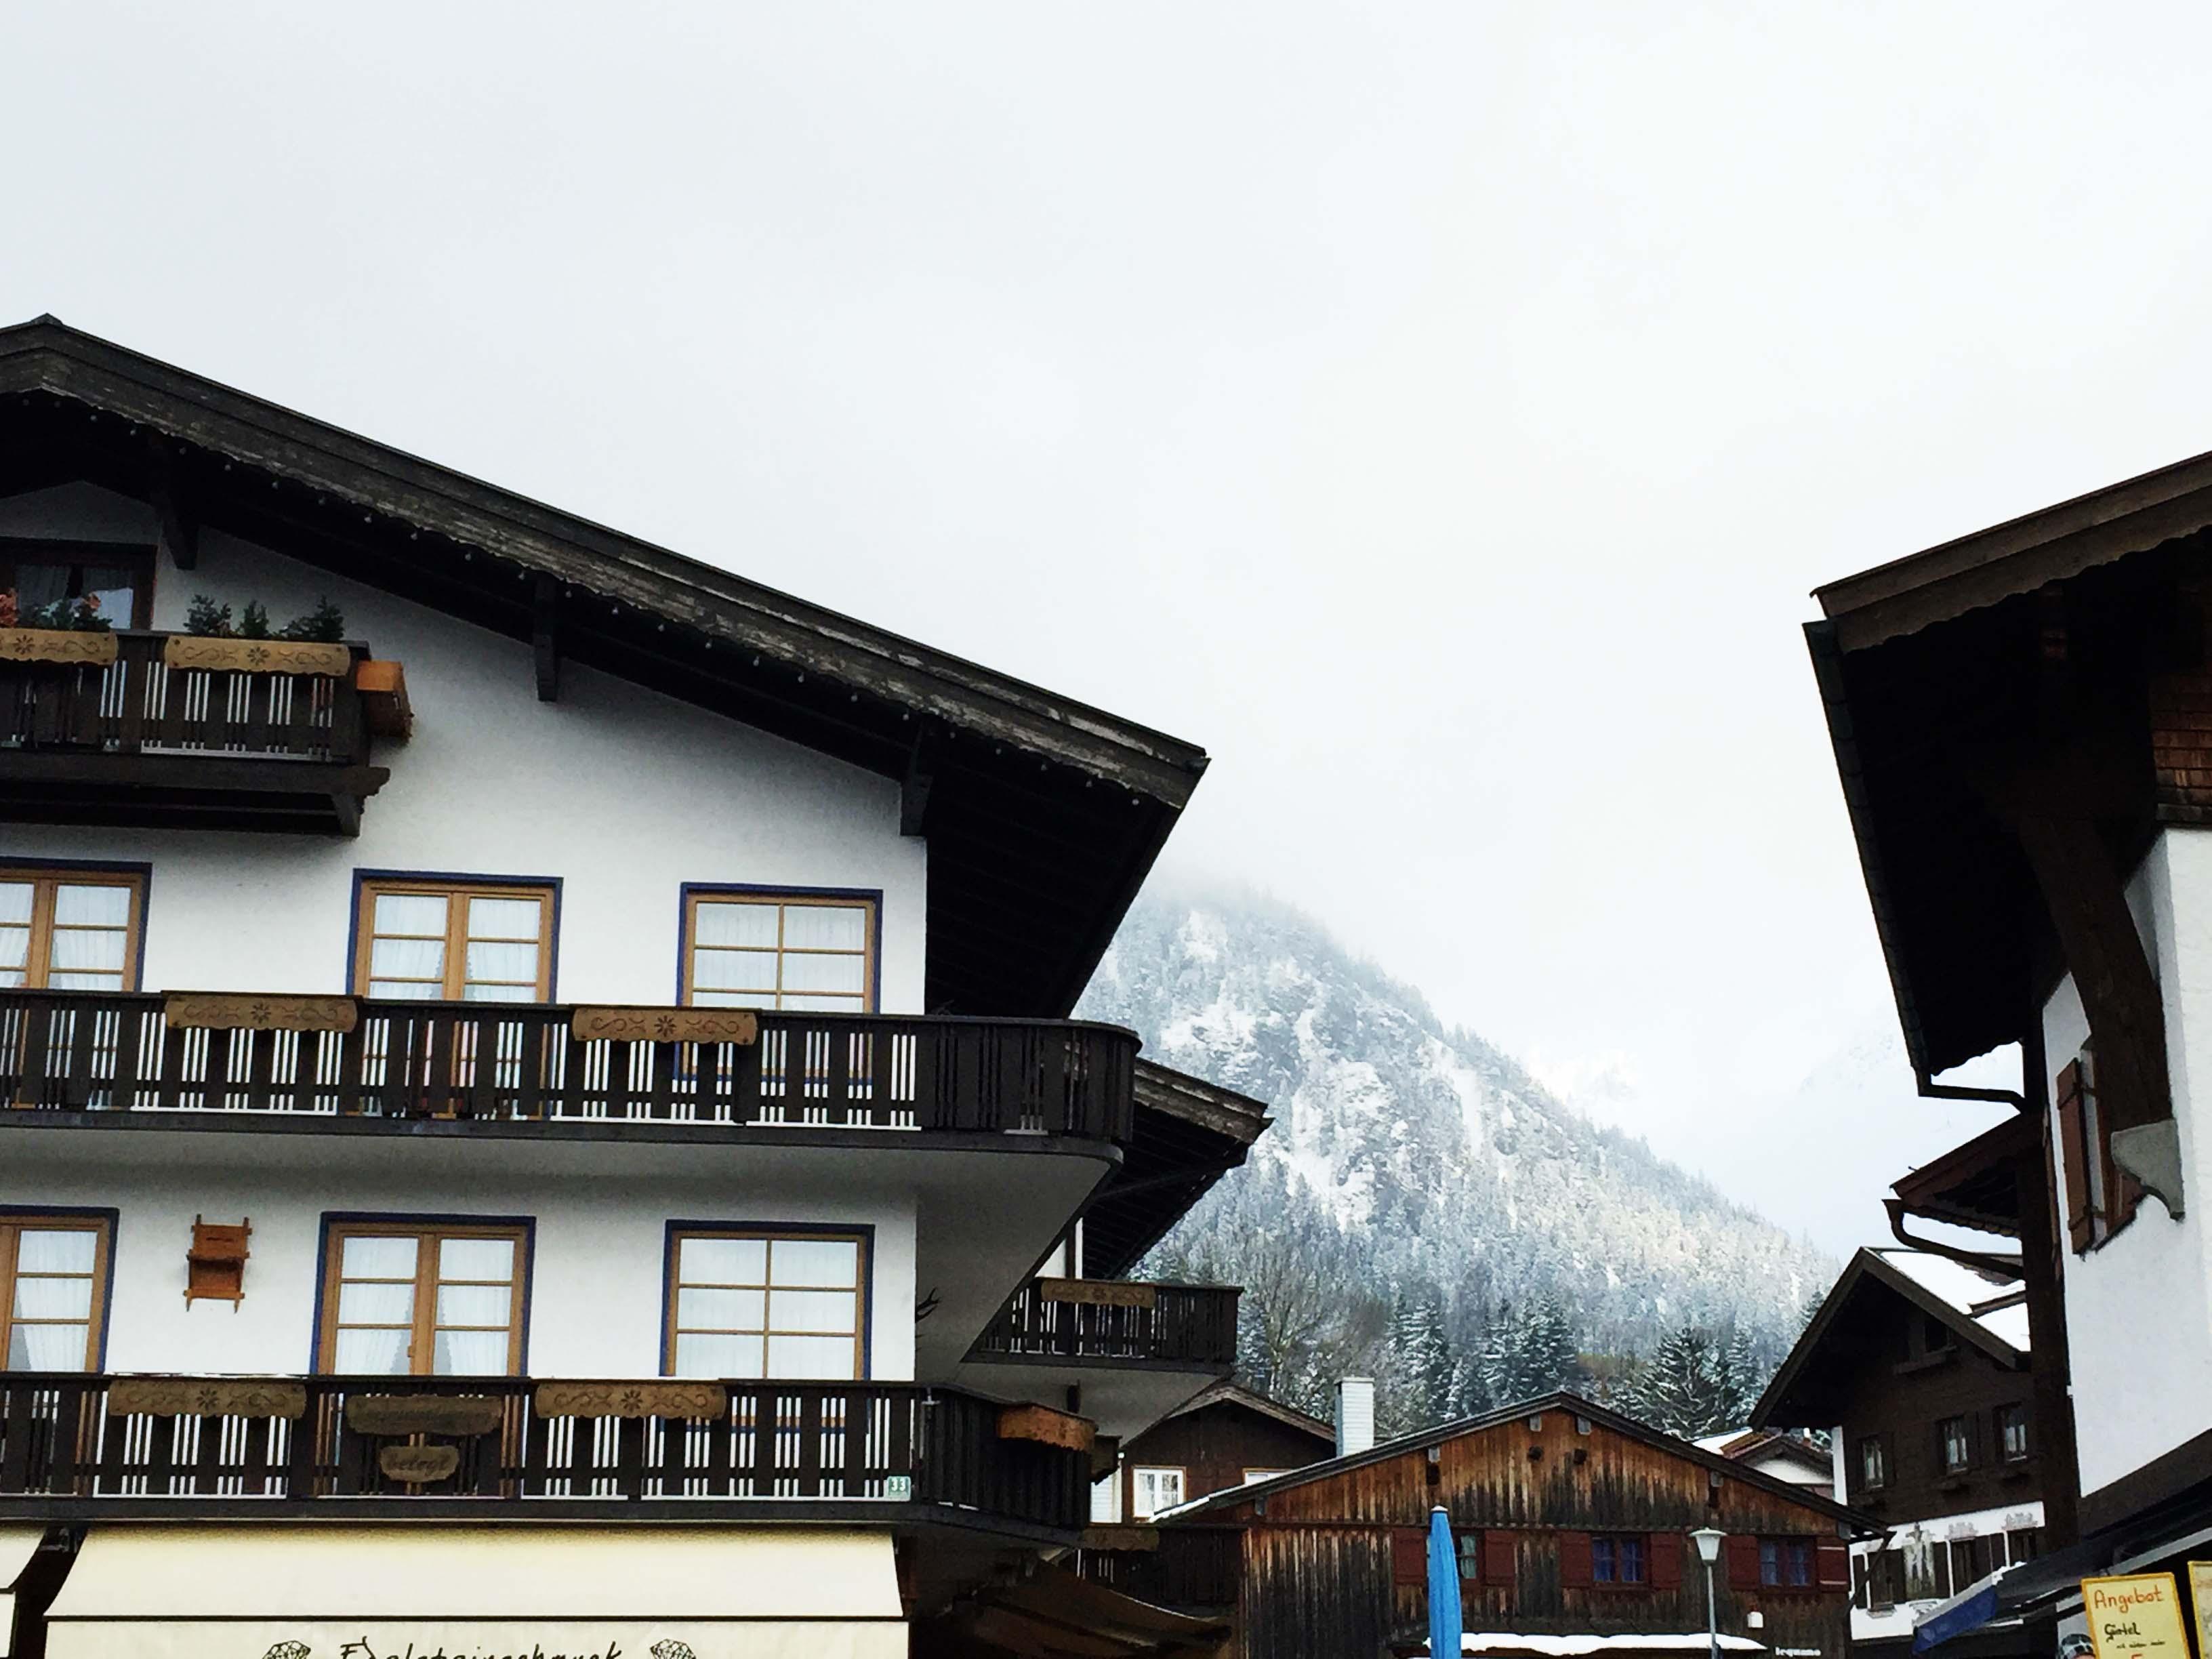 Der südlichste Punkt Deutschlands: Oberstdorf